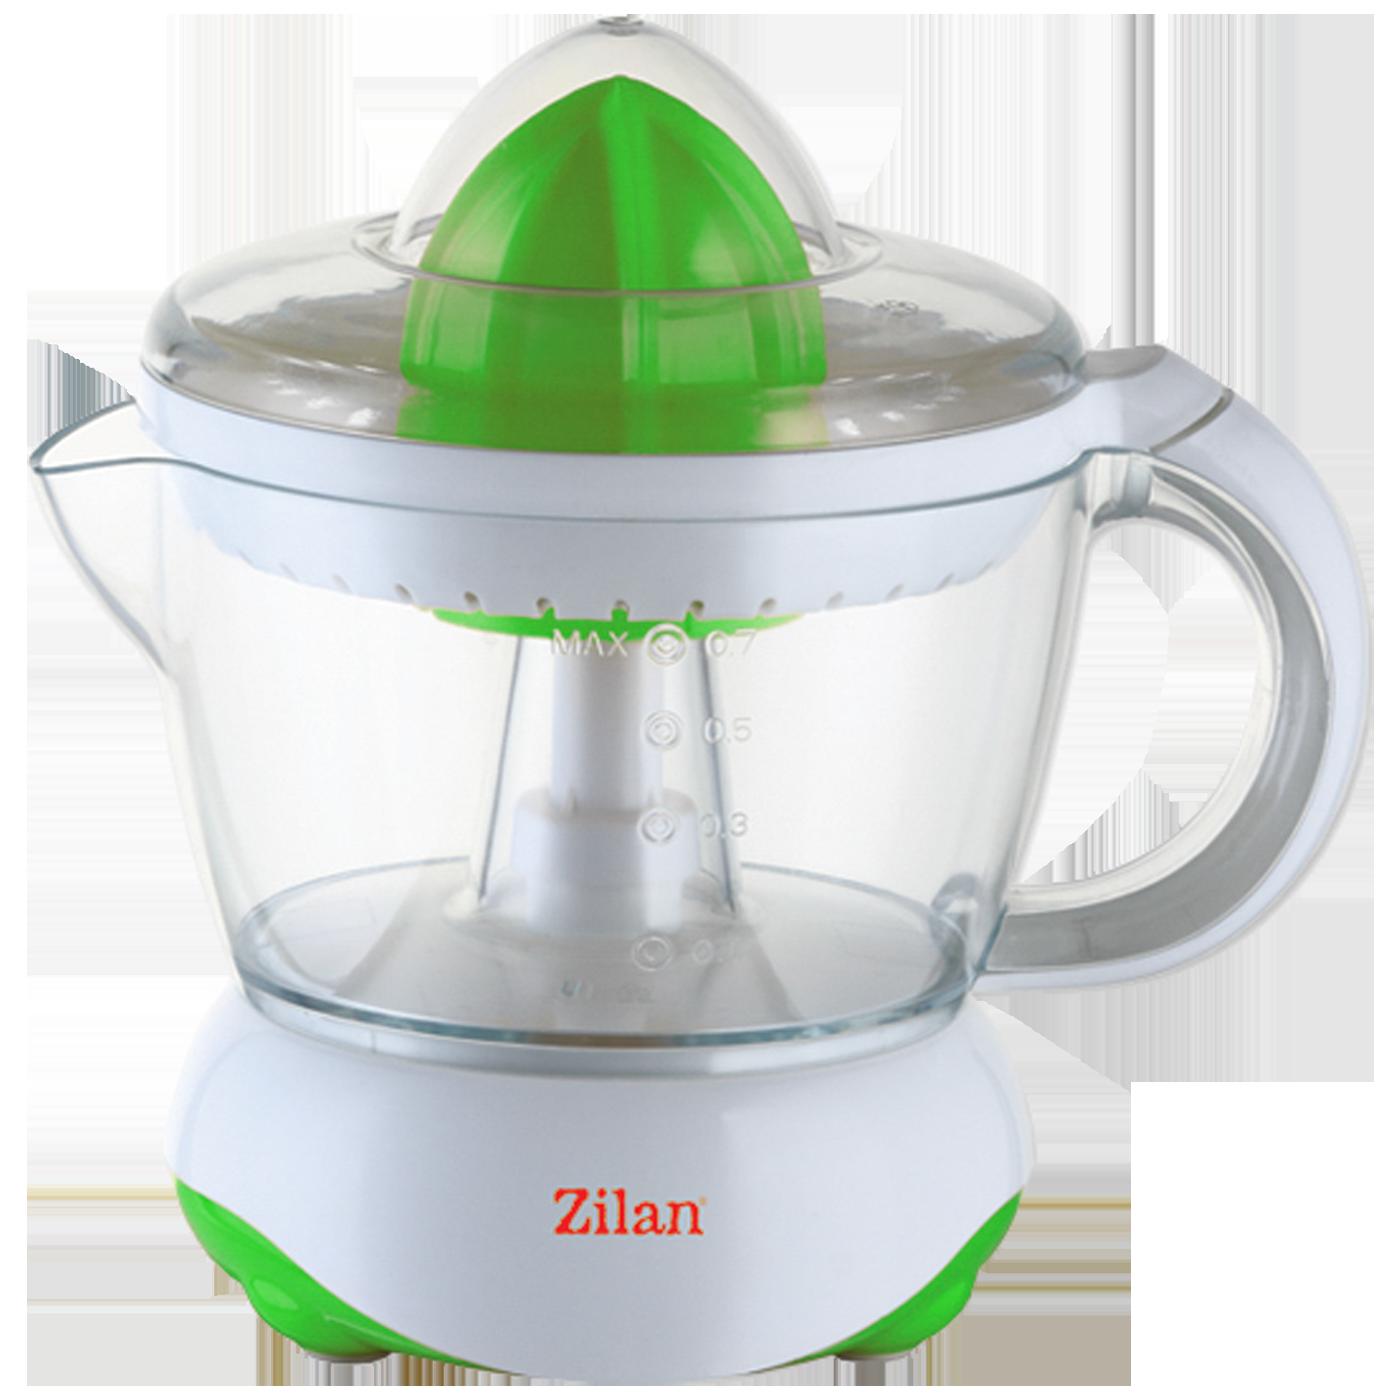 Zilan - ZLN7825/GR